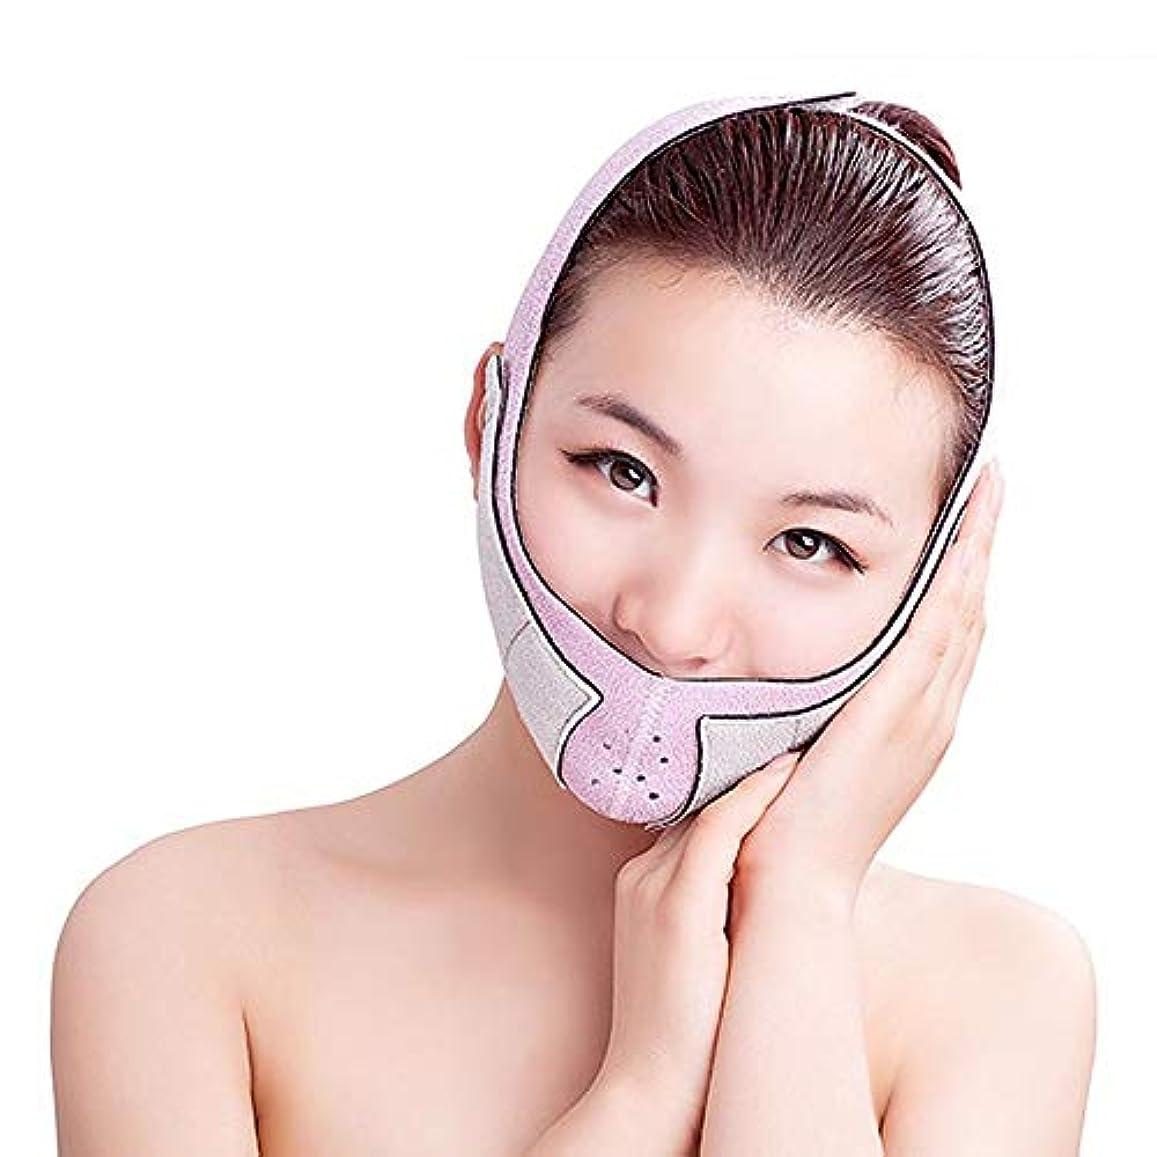 遺伝子スクラブ微弱薄い顔のベルト - 薄い顔のベルト通気性の補正3D薄い顔のV顔のベルトの包帯薄い顔のアーティファクト (色 : B)